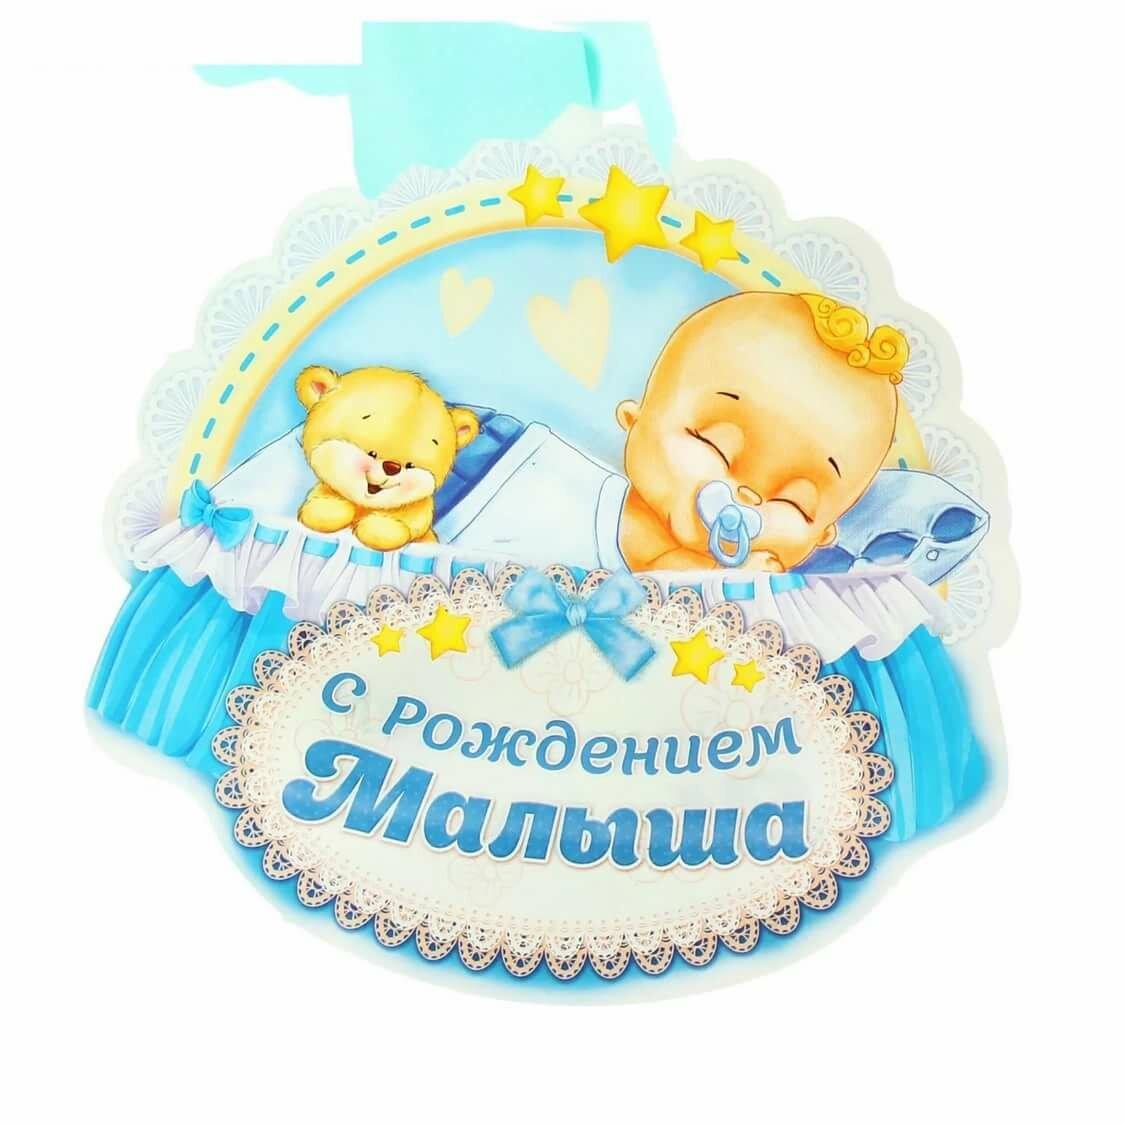 Поздравления с новорожденным рождением мальчика